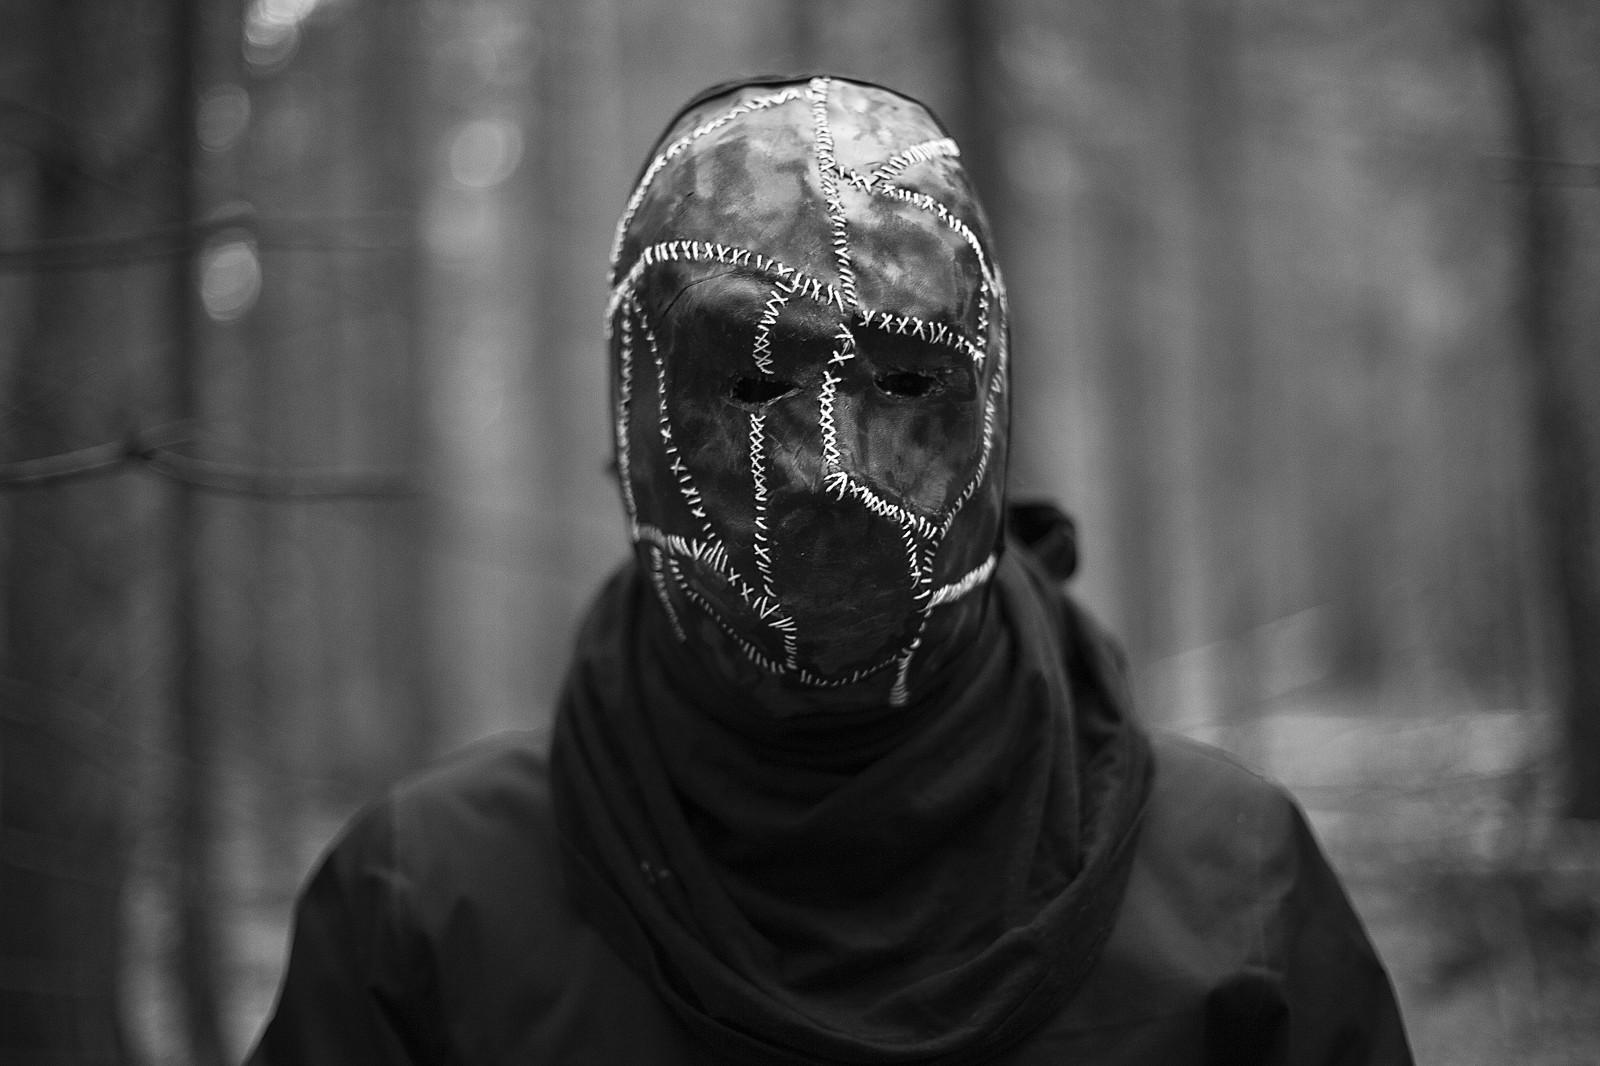 его неофициально грустные картинки с масками эта